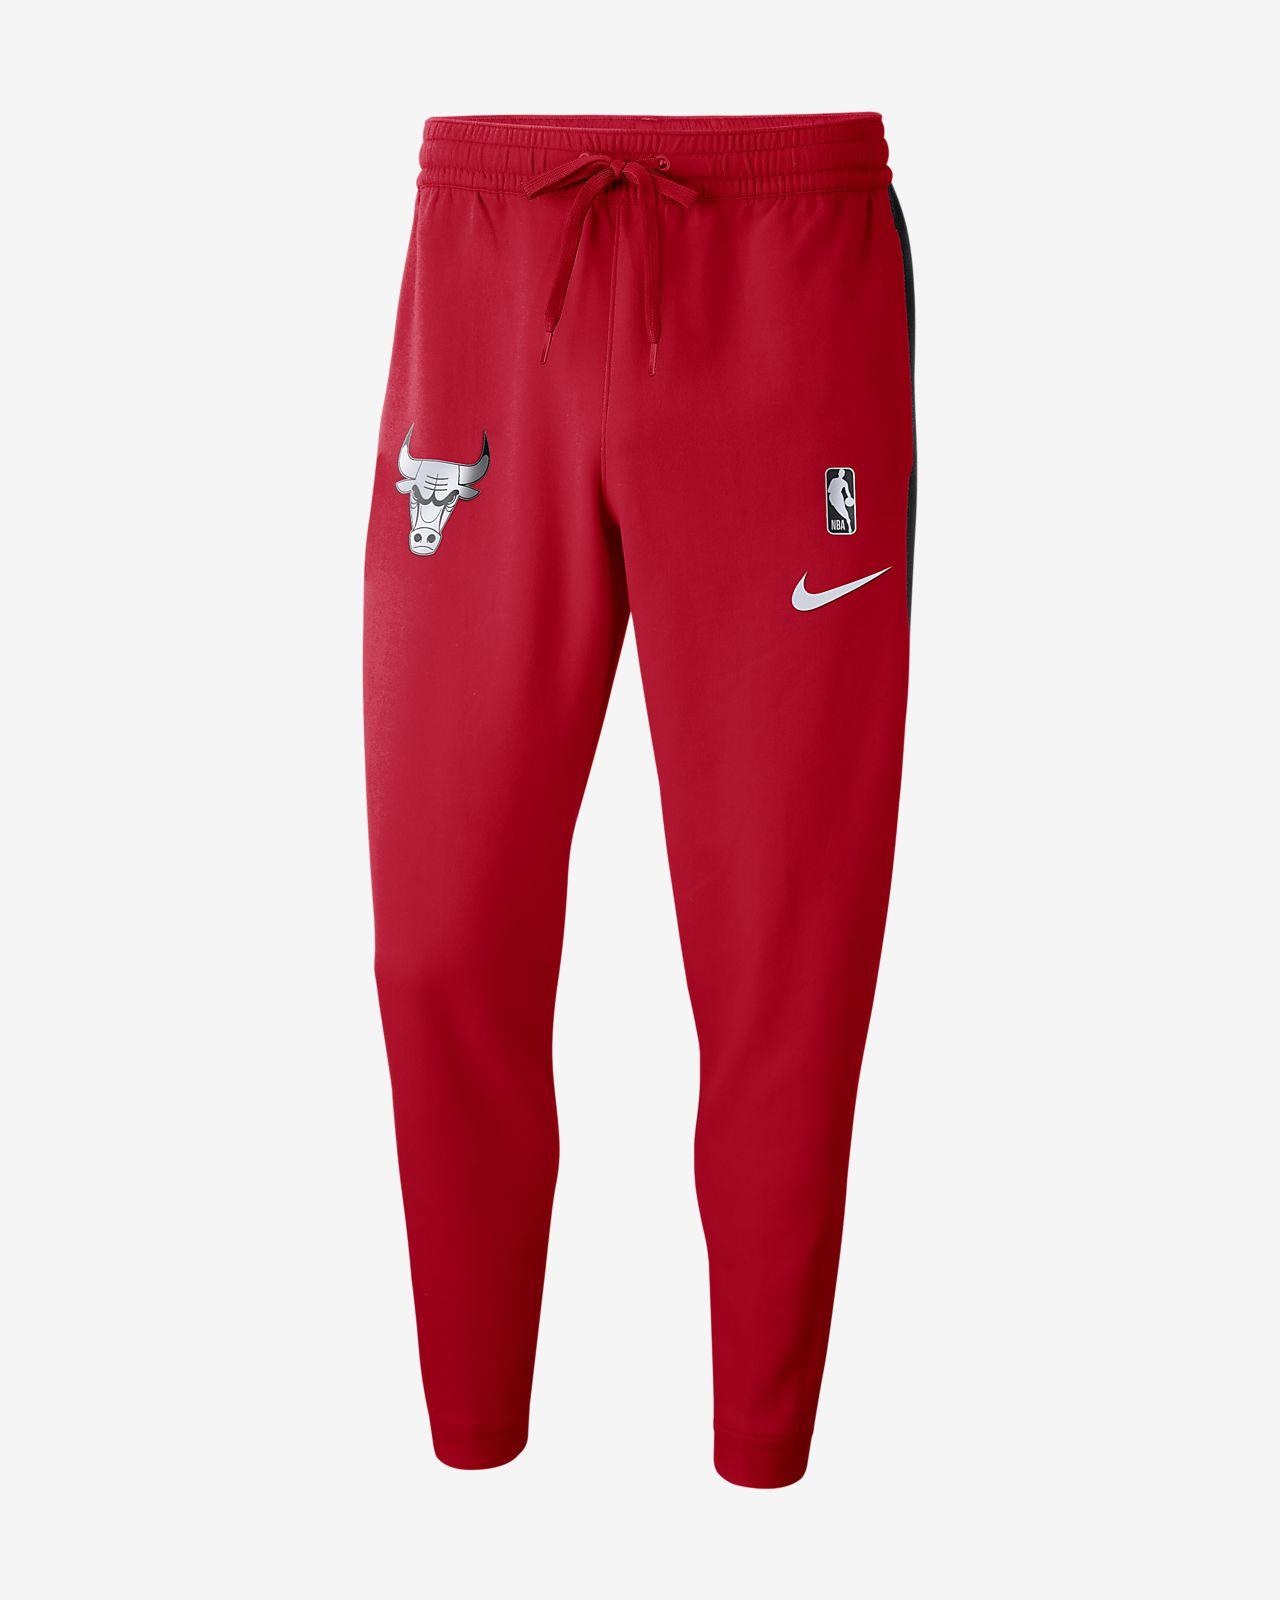 7d57a41c02ed9 Chicago Bulls Nike Dri-FIT Showtime Pantalón de la NBA - Hombre ...